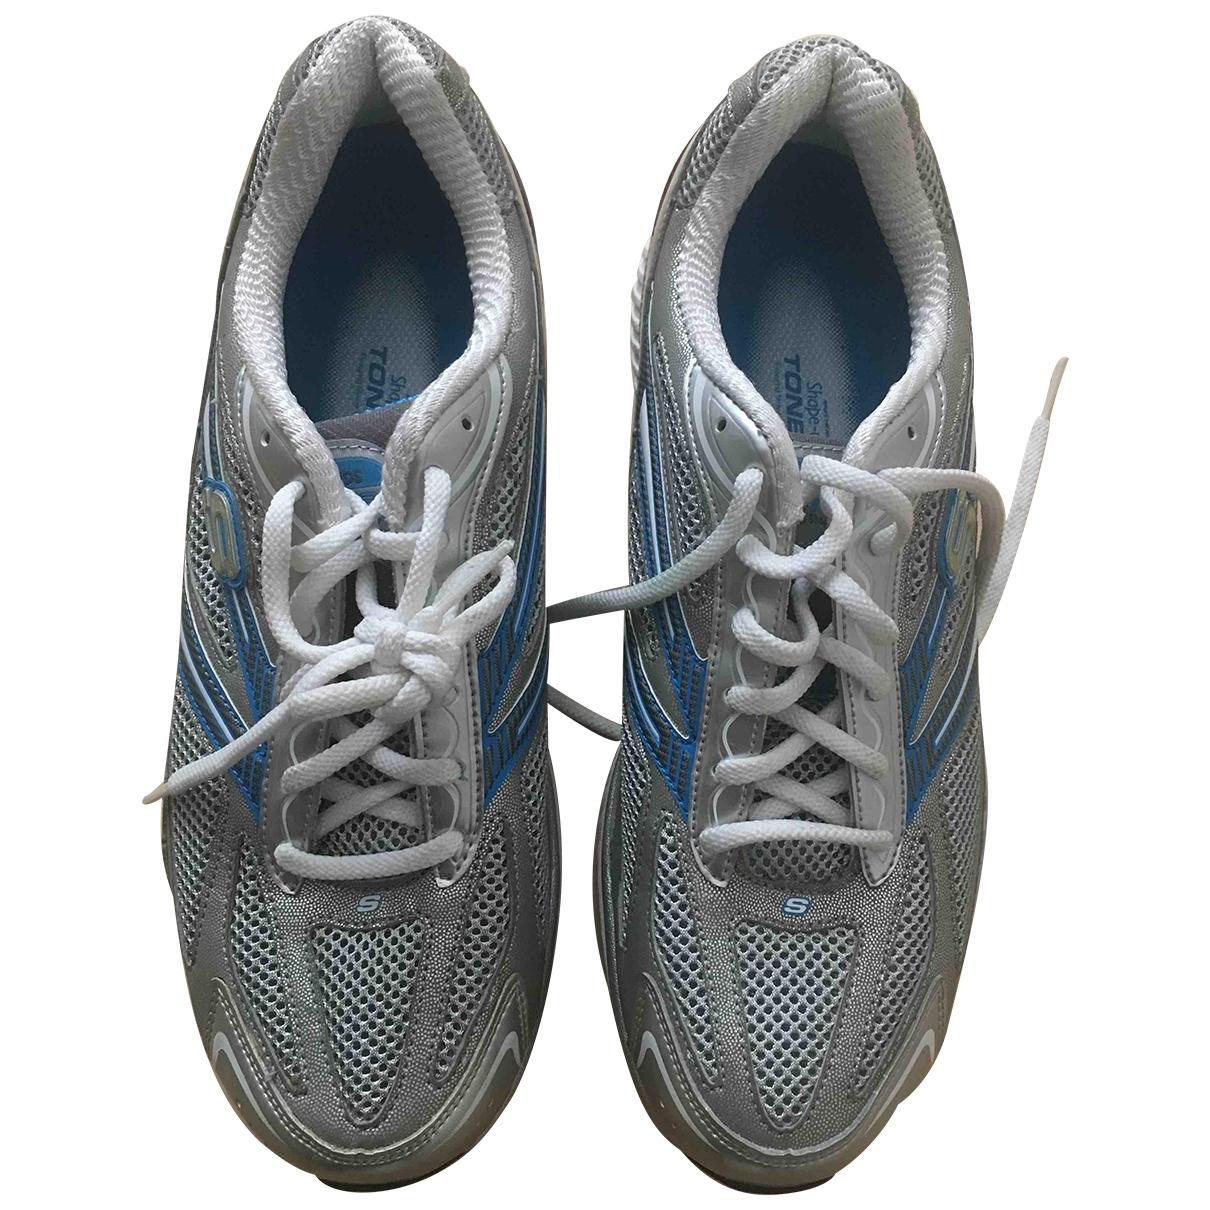 Skechers - Baskets   pour femme en toile - gris